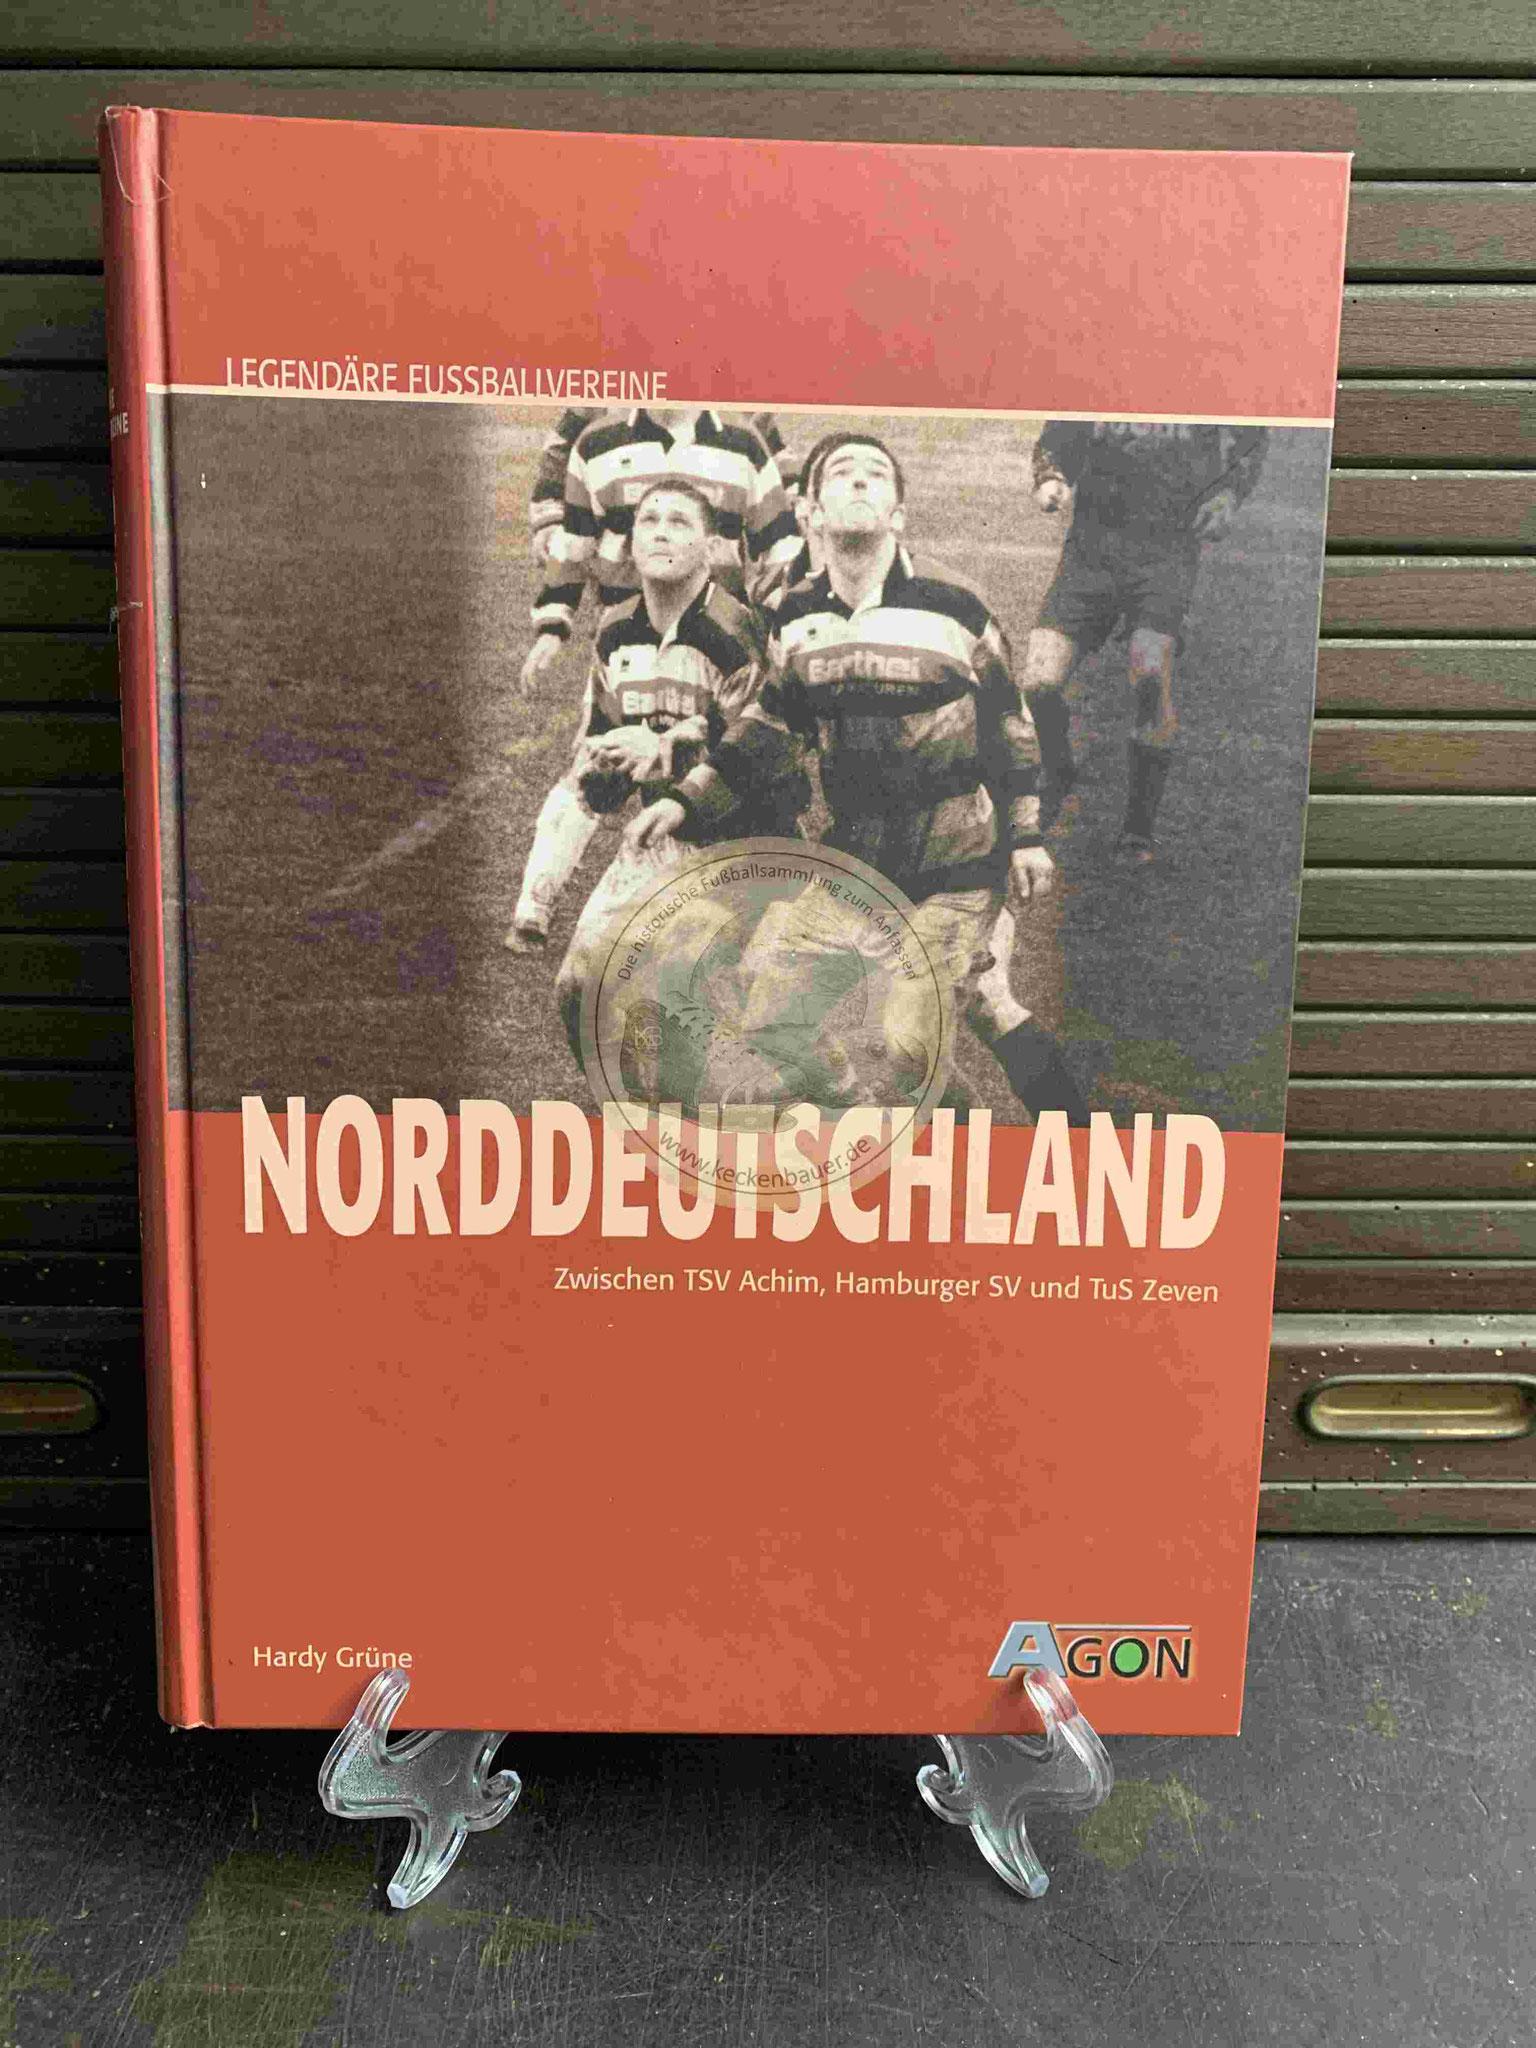 Legendäre Fußballvereine Norddeutschland aus dem Jahr 2004